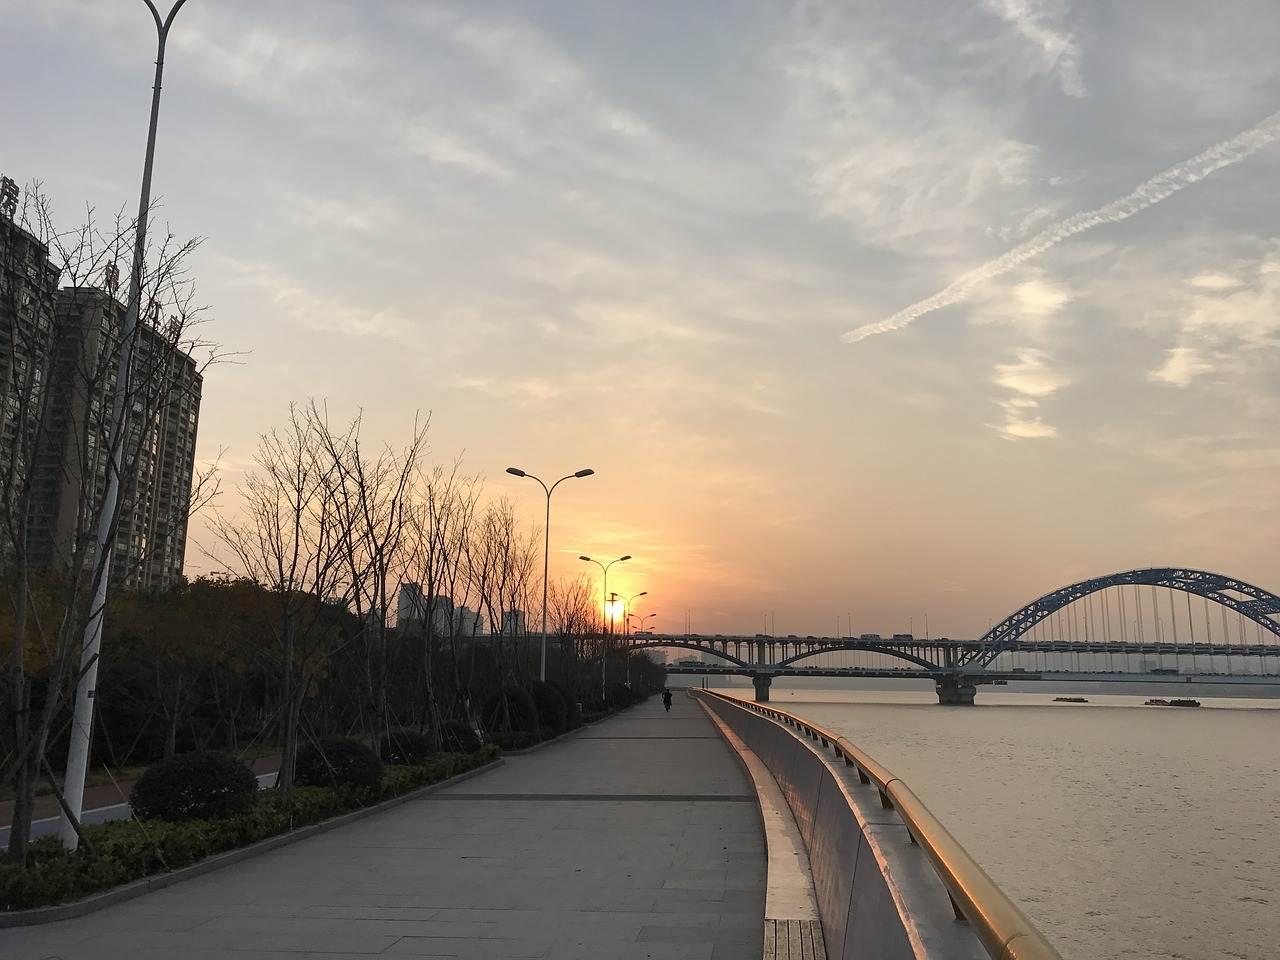 杭州究竟有啥特别这么吸引带货明星?